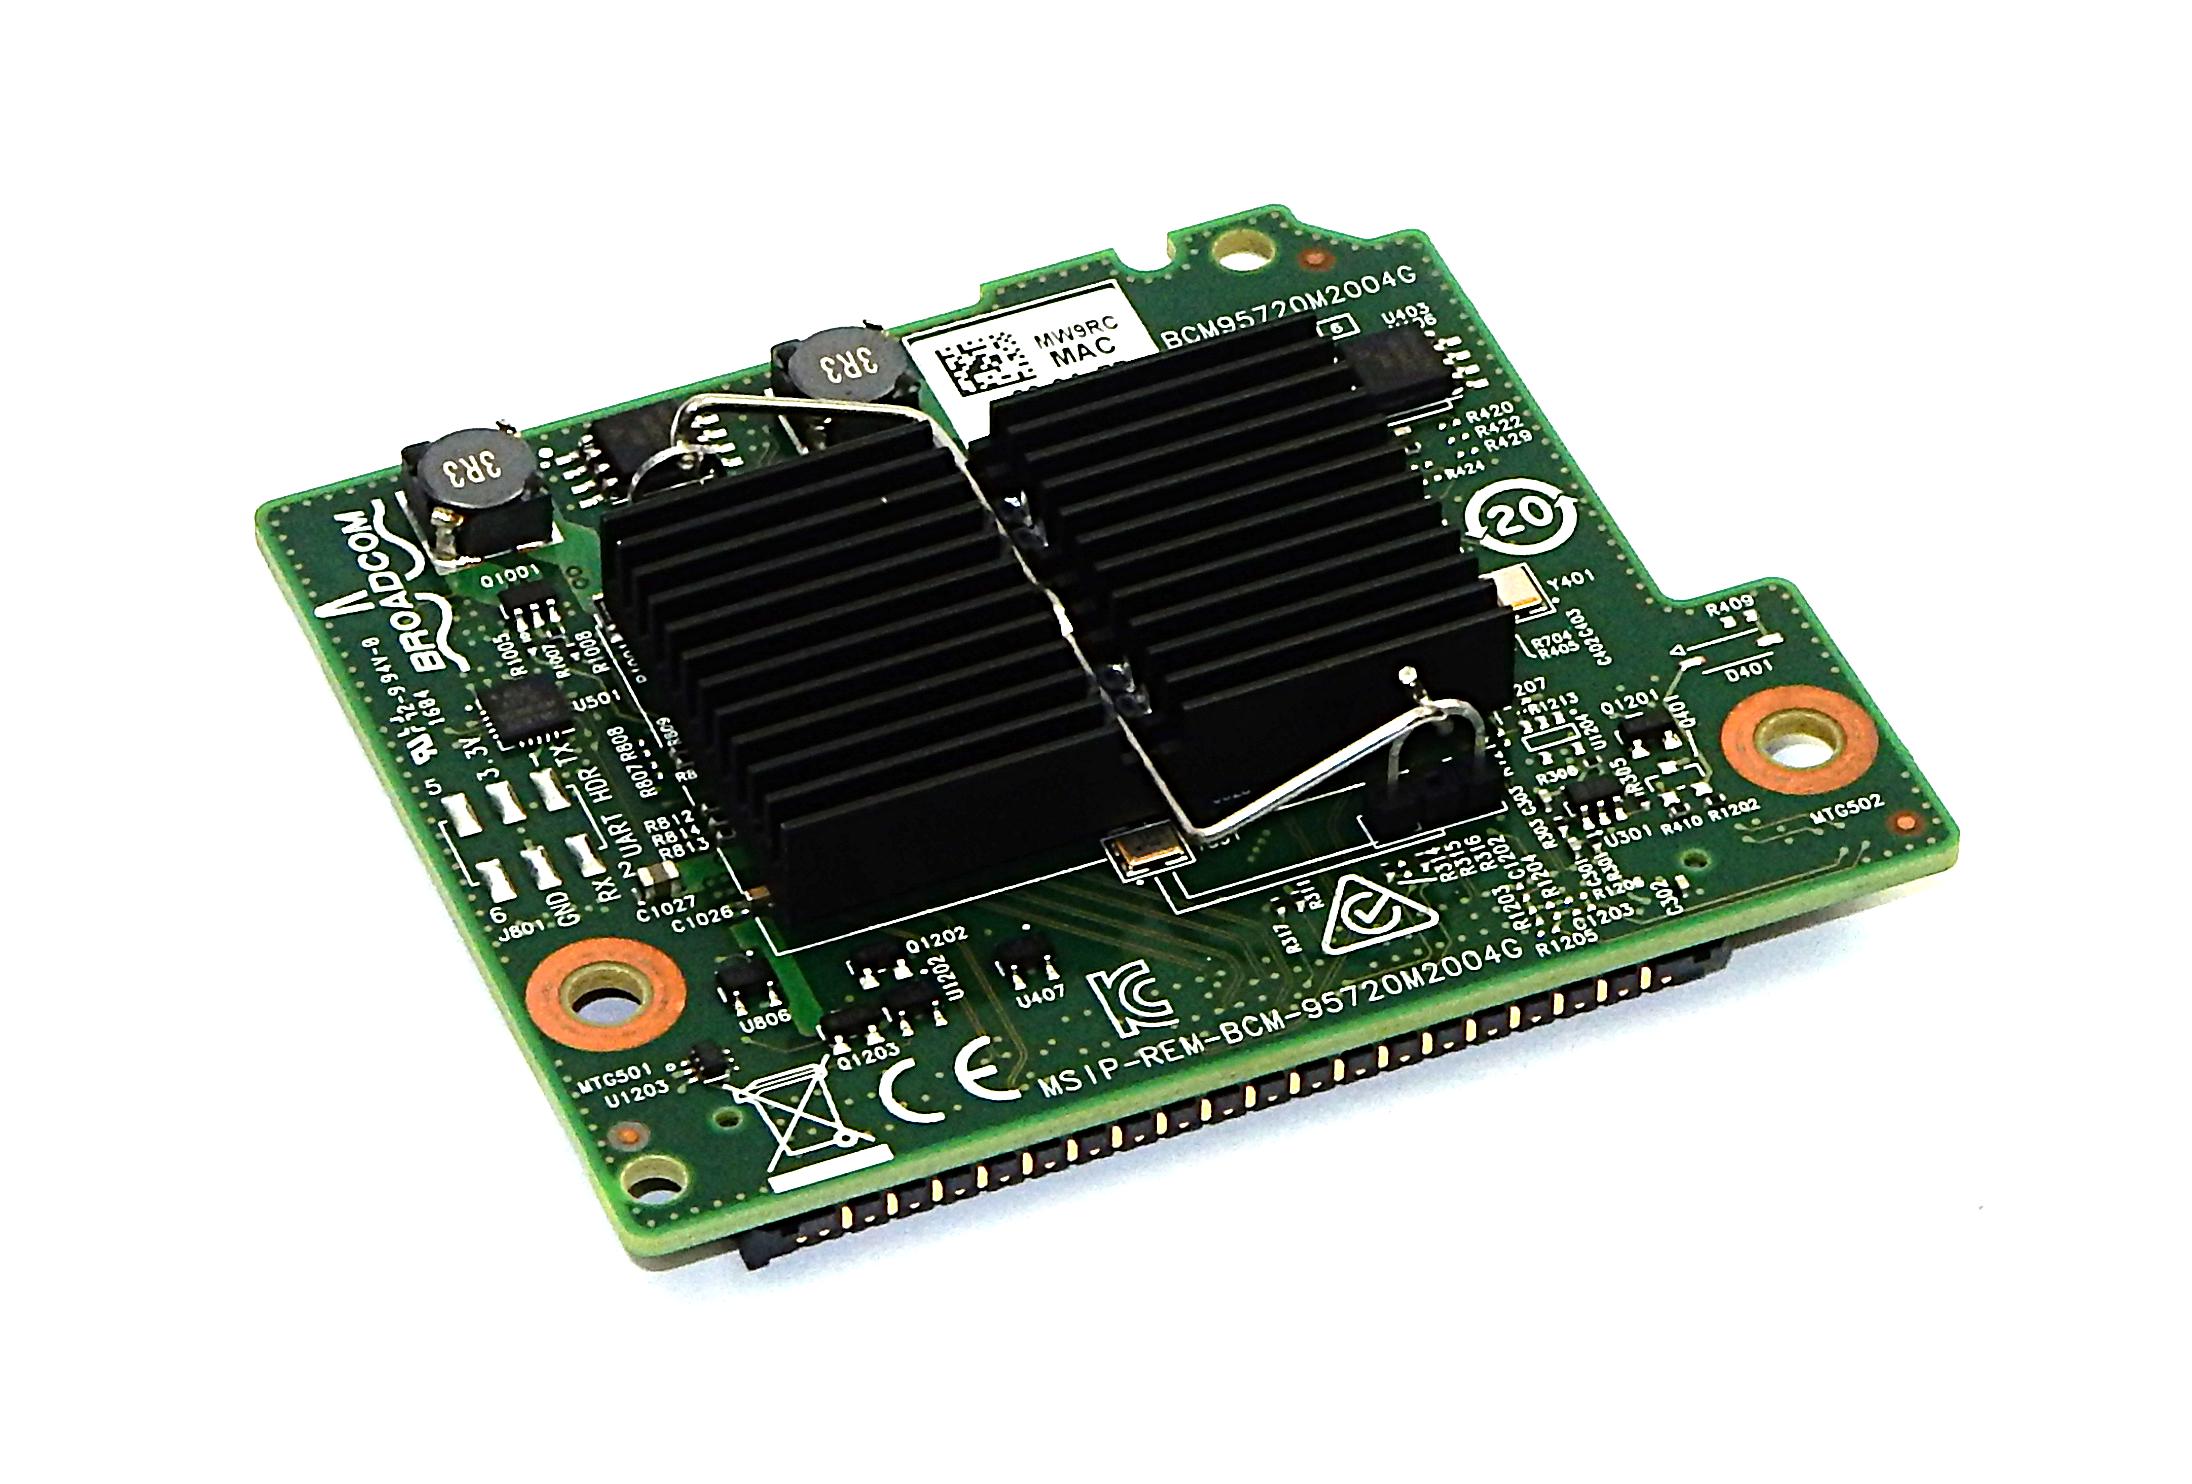 Dell MW9RC Broadcom 5720 1GB Quad Port Blade Network Card For PowerEdge FC630